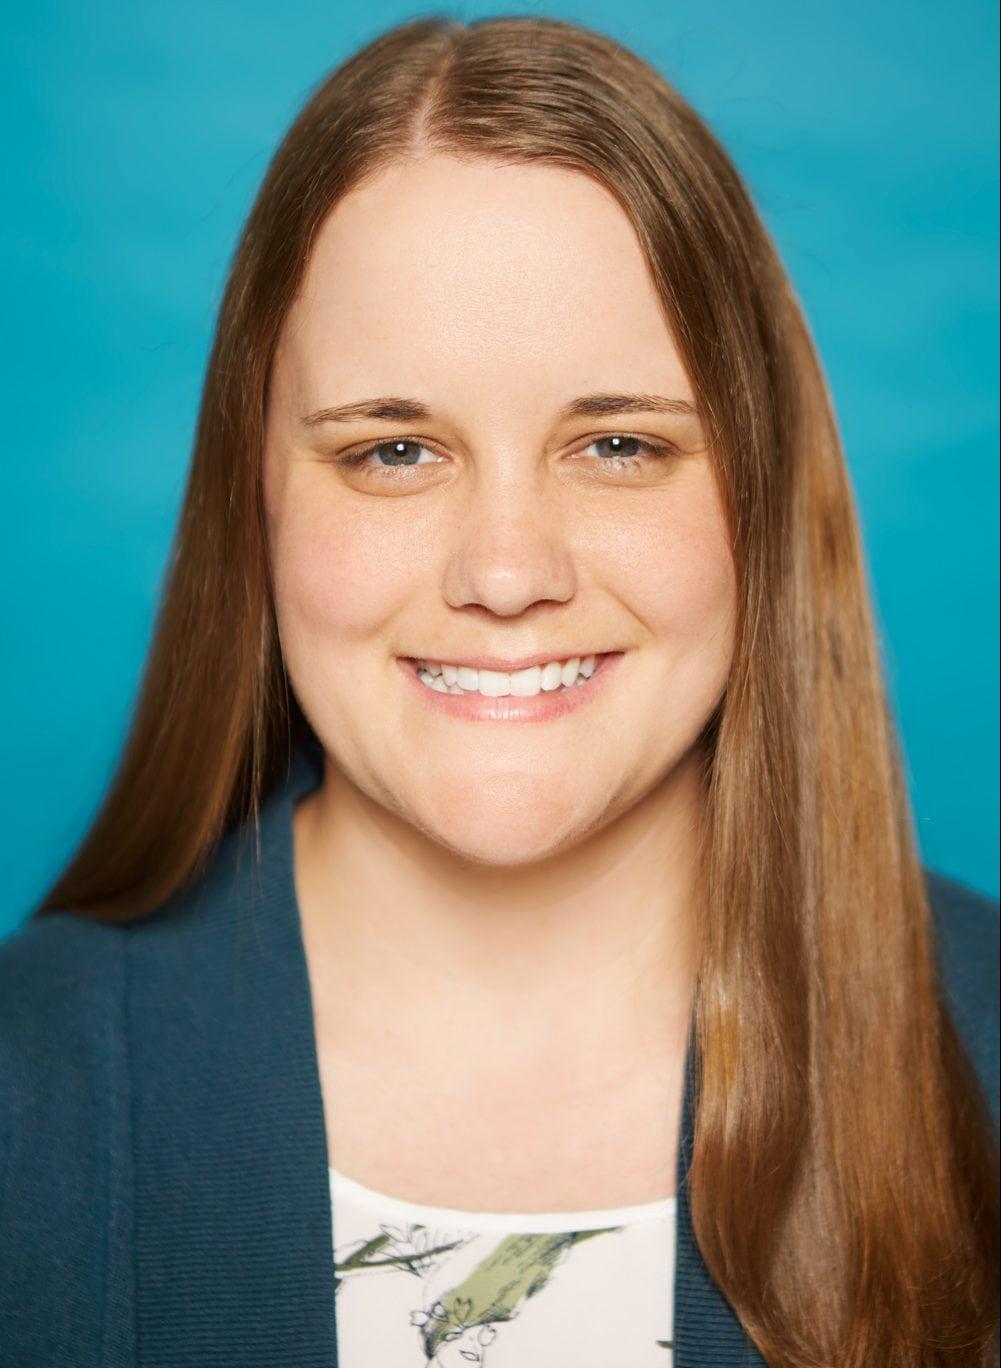 Rachel Lusk